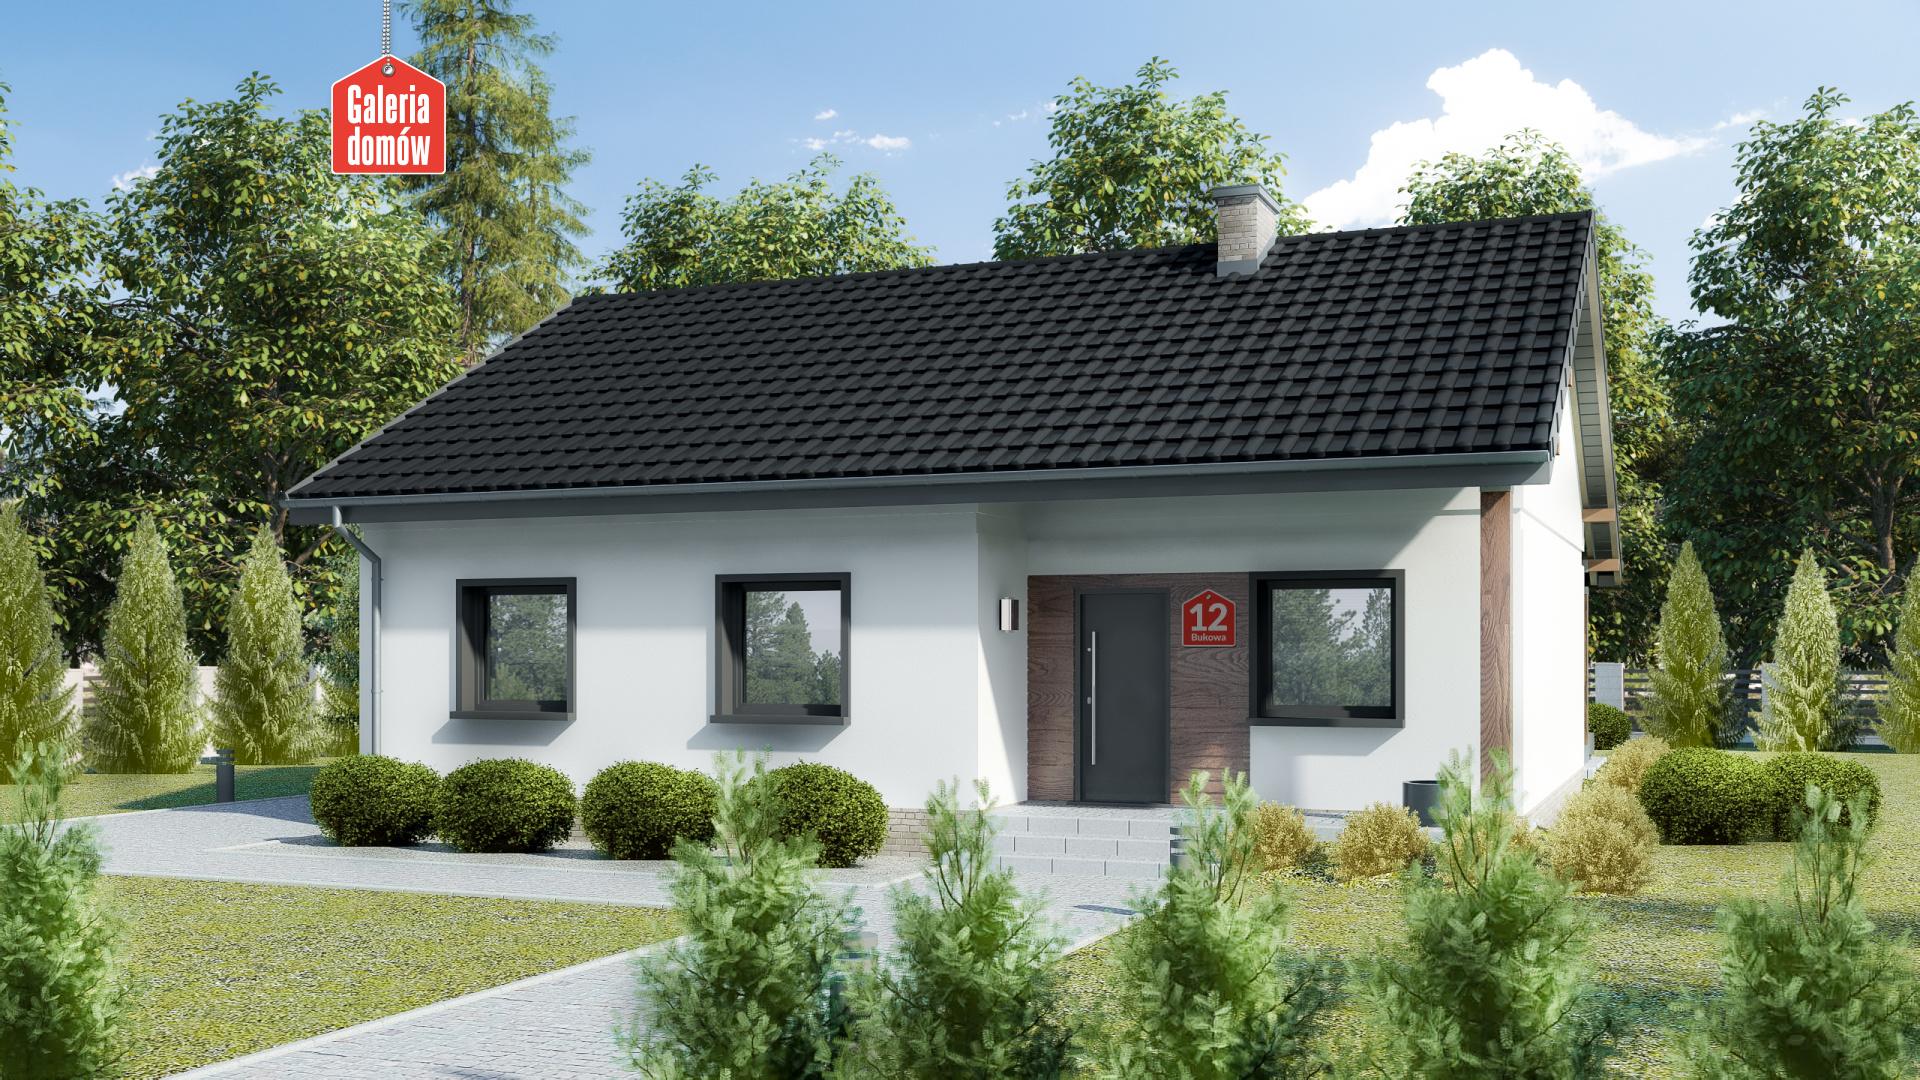 Dom przy Bukowej 12 - zdjęcie projektu i wizualizacja